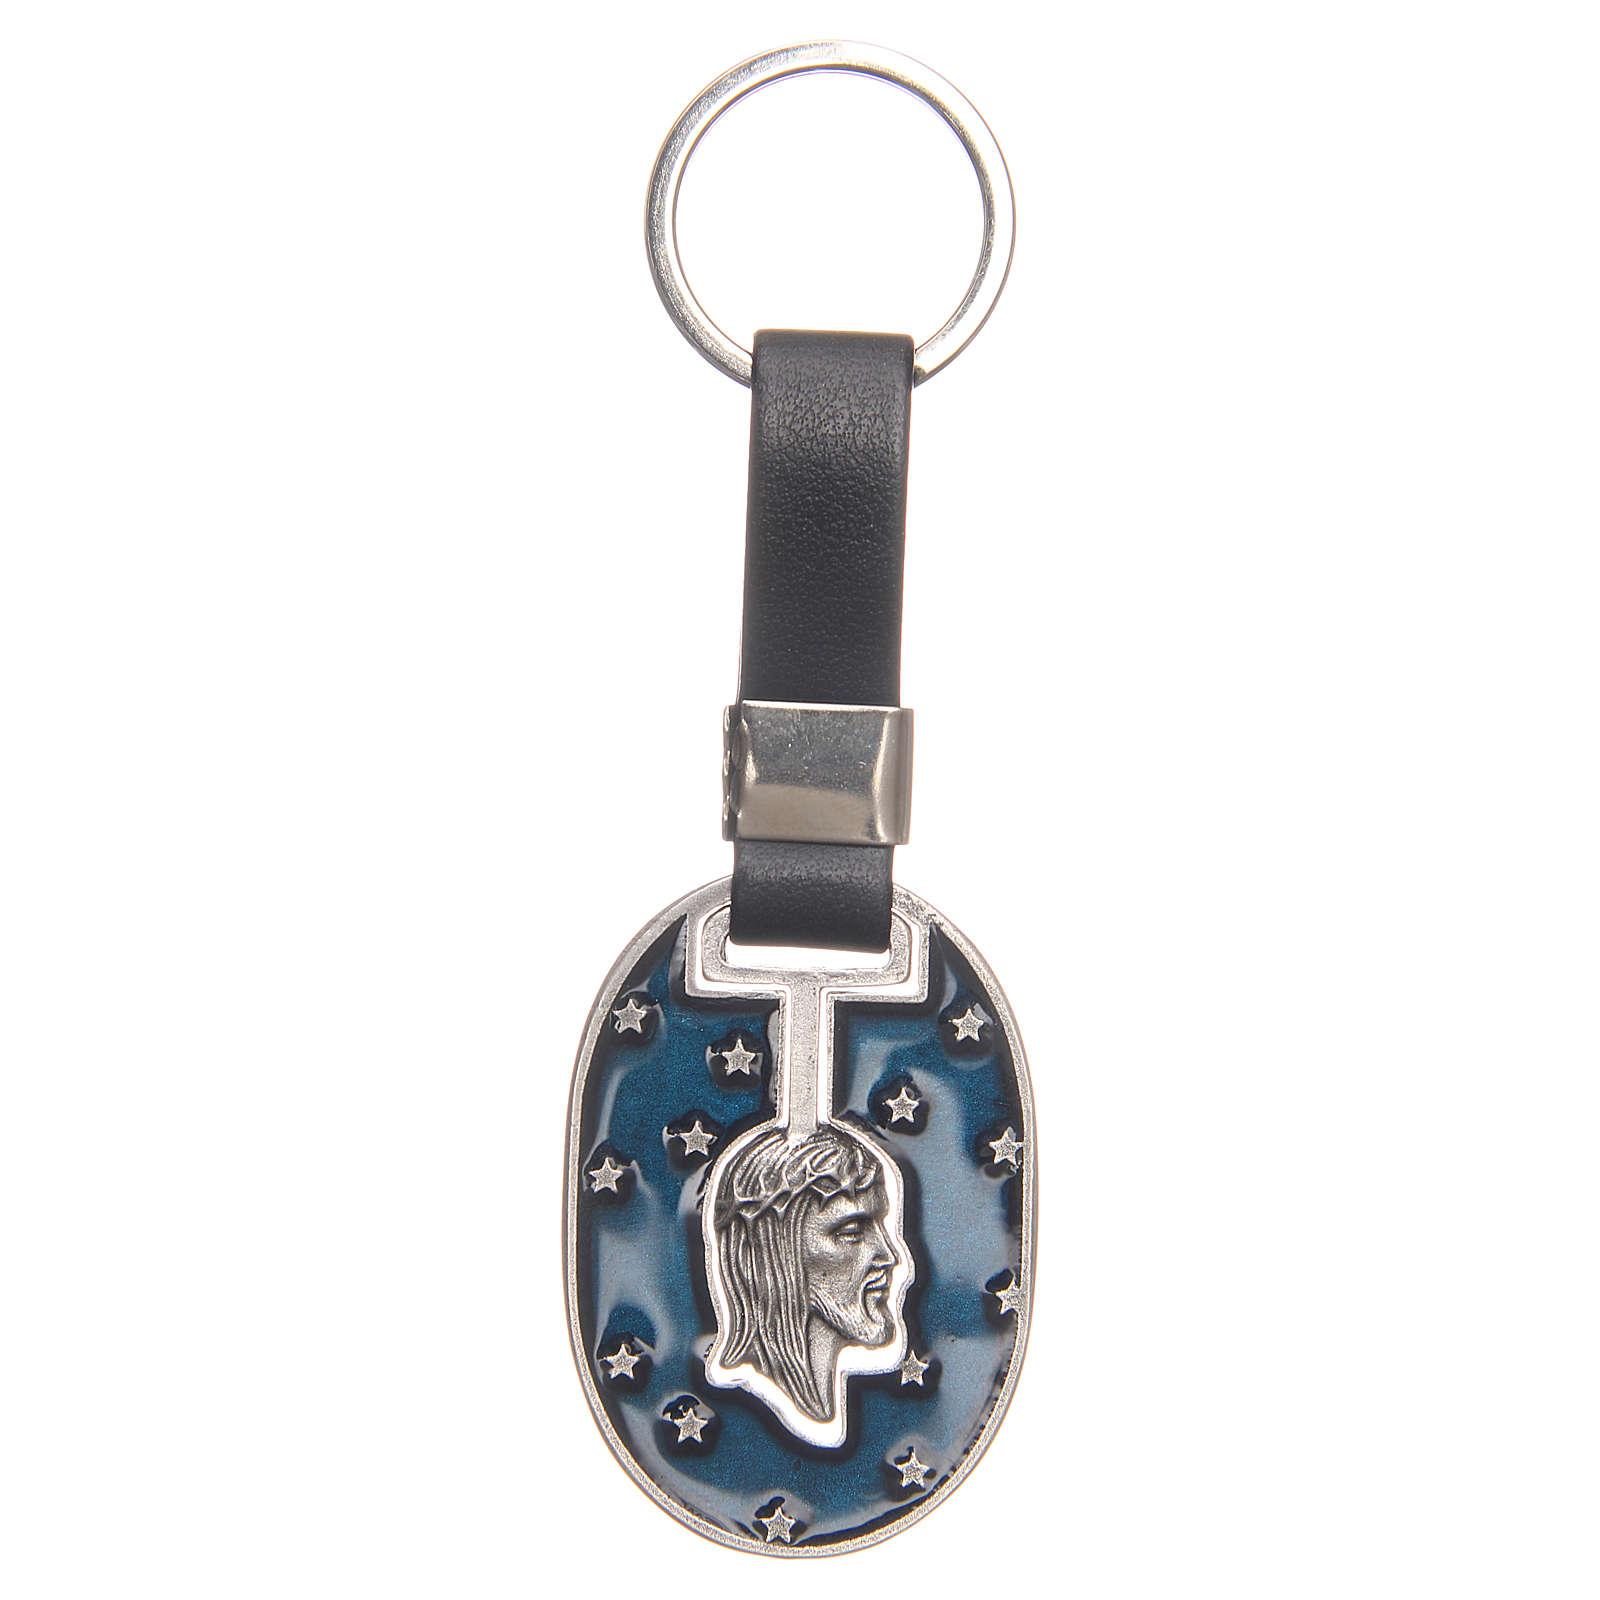 Porte-clef visage Christ zamac argenté vieilli 3